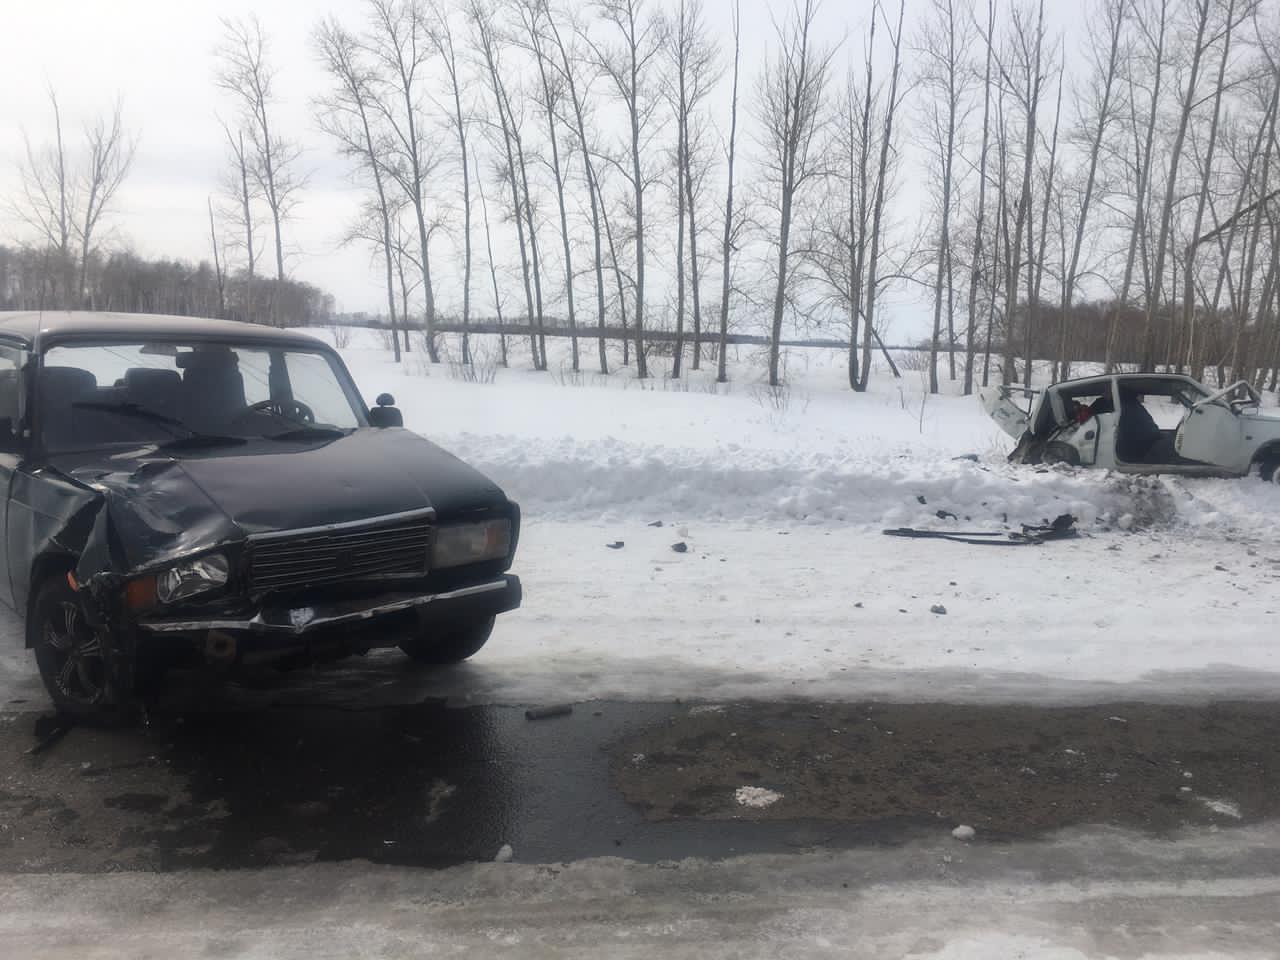 Пенсионер на «Оке» устроил страшное ДТП в Омской области #Омск #Общество #Сегодня